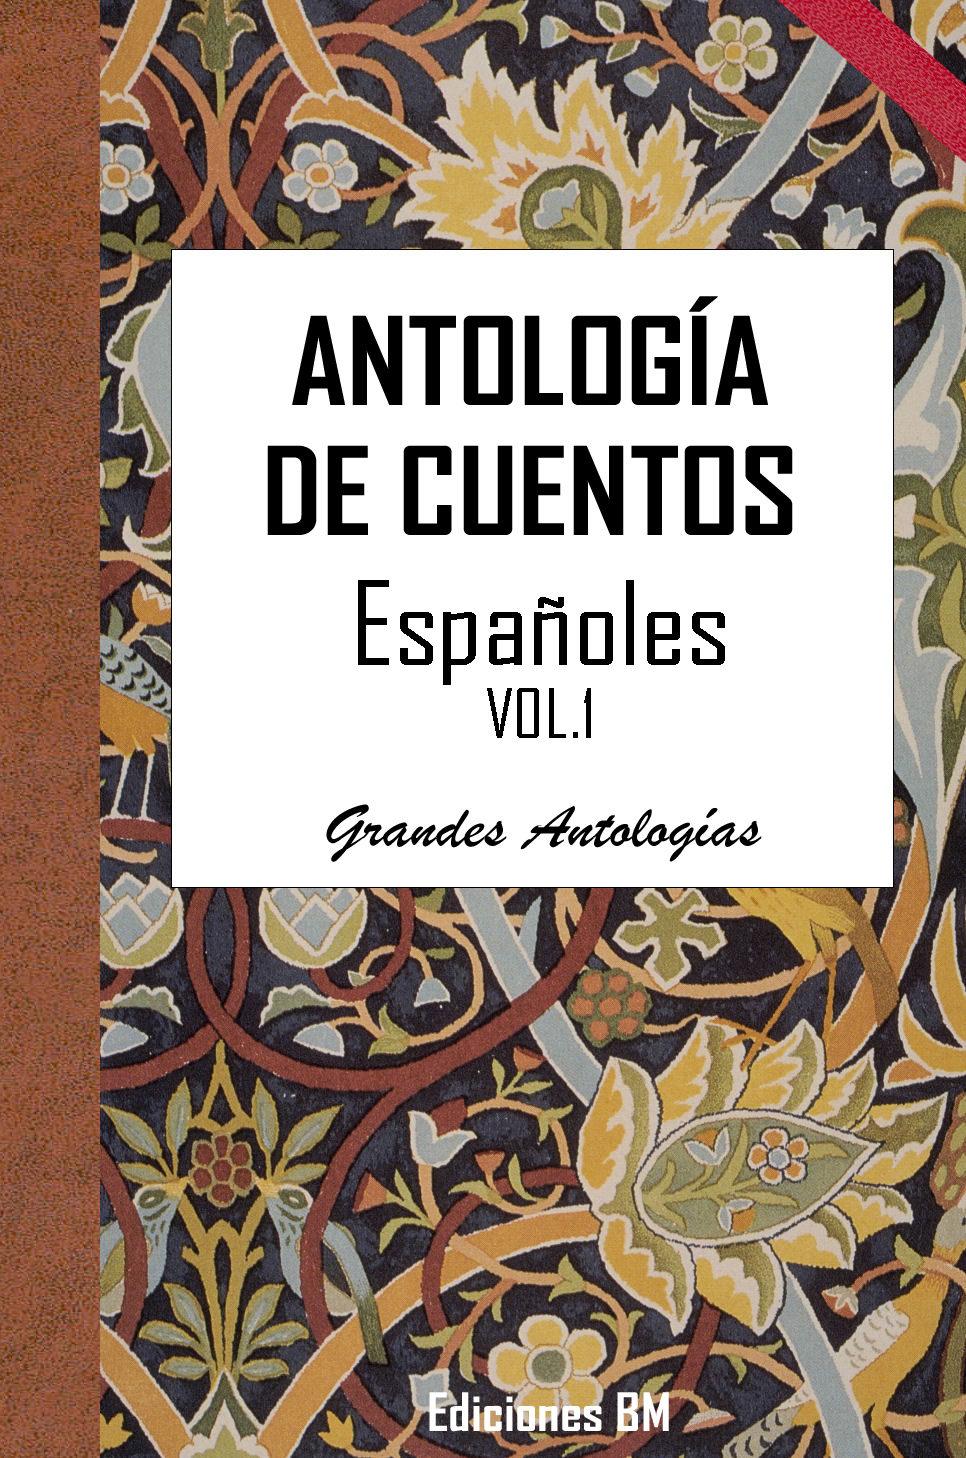 ANTOLOGIAS DE CUENTOS PDF DOWNLOAD